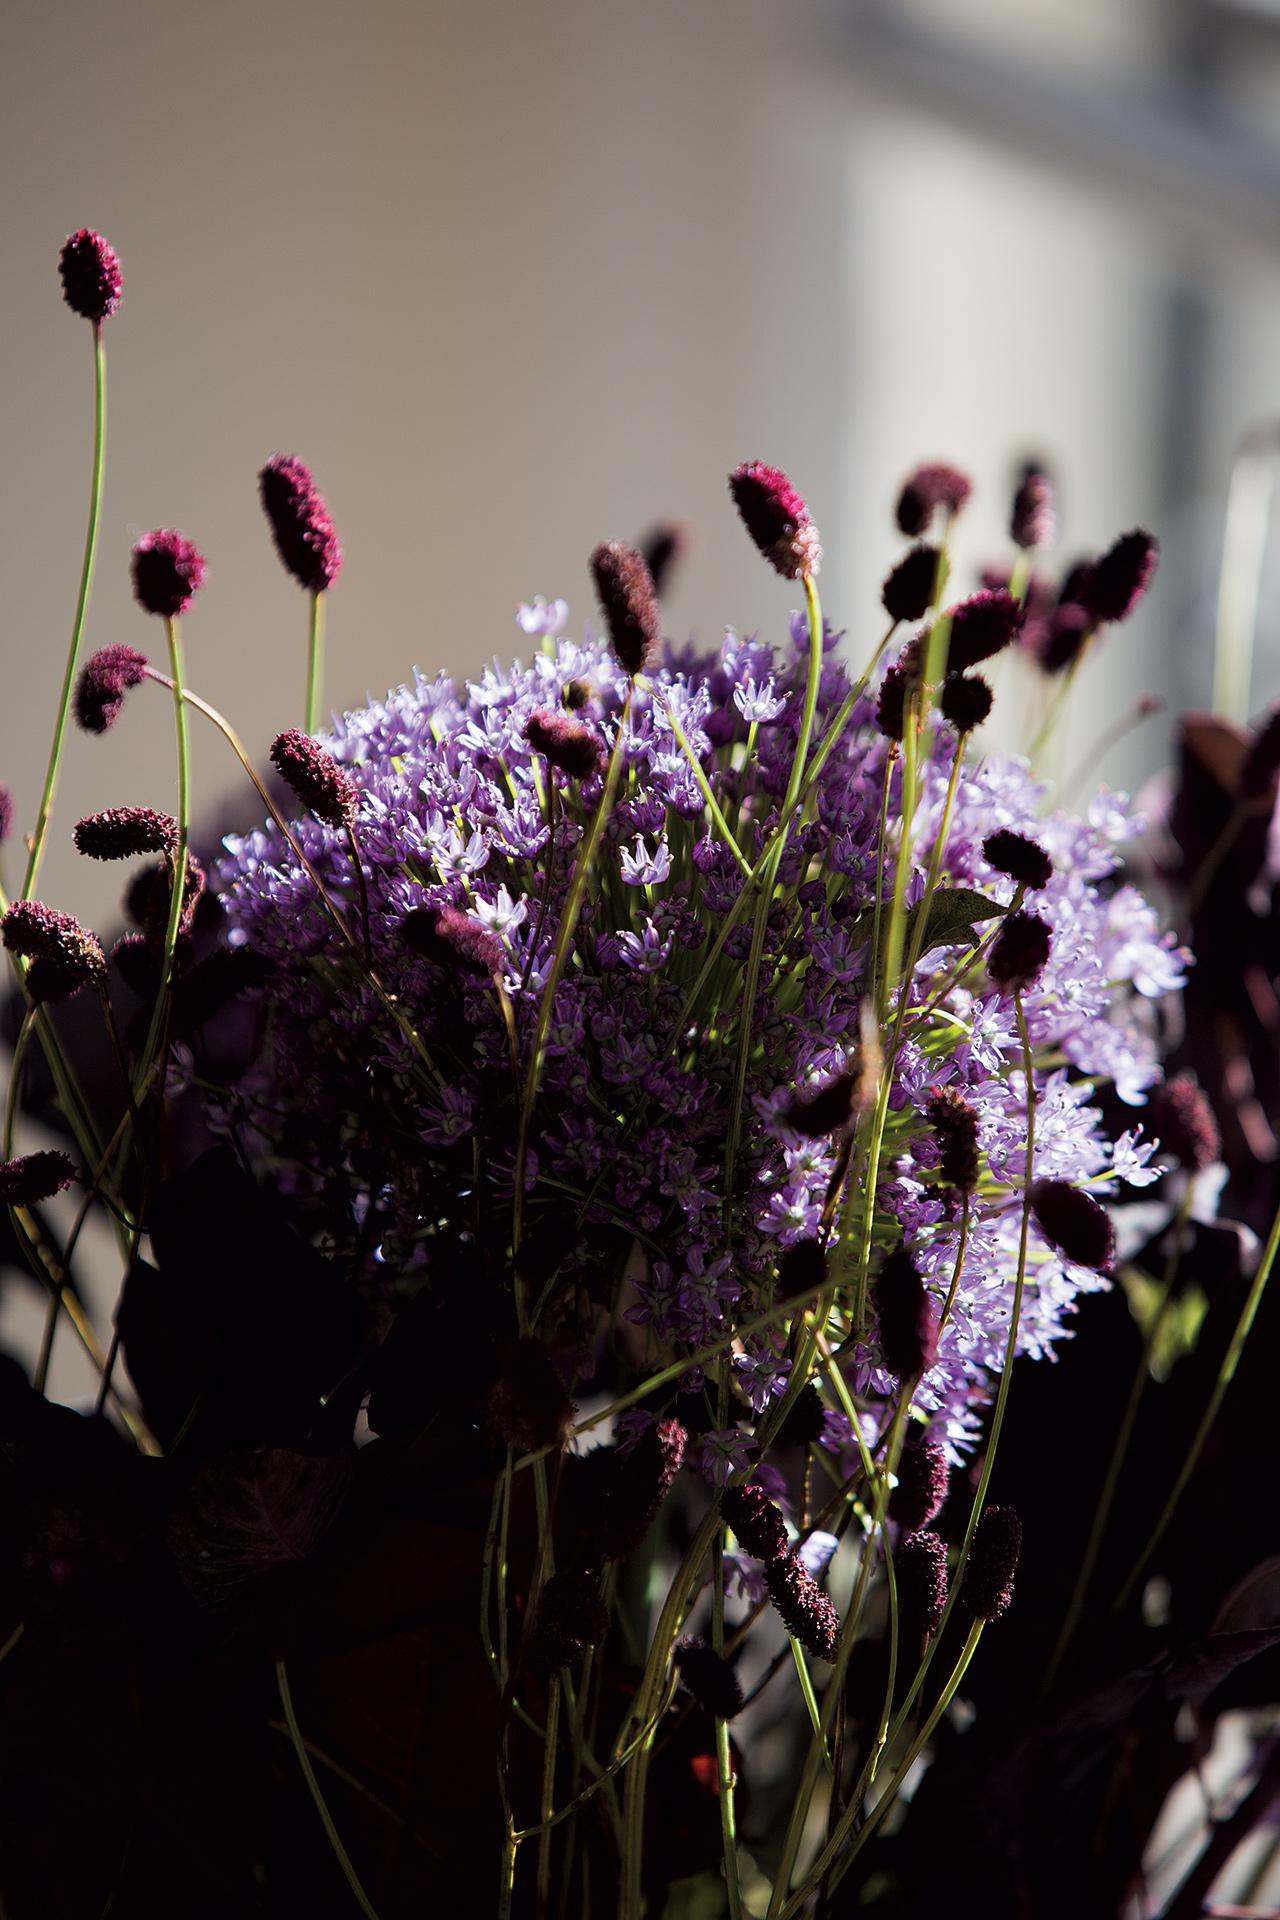 세라믹 바닥을 연상시키는 컬러를 가진 꽃들